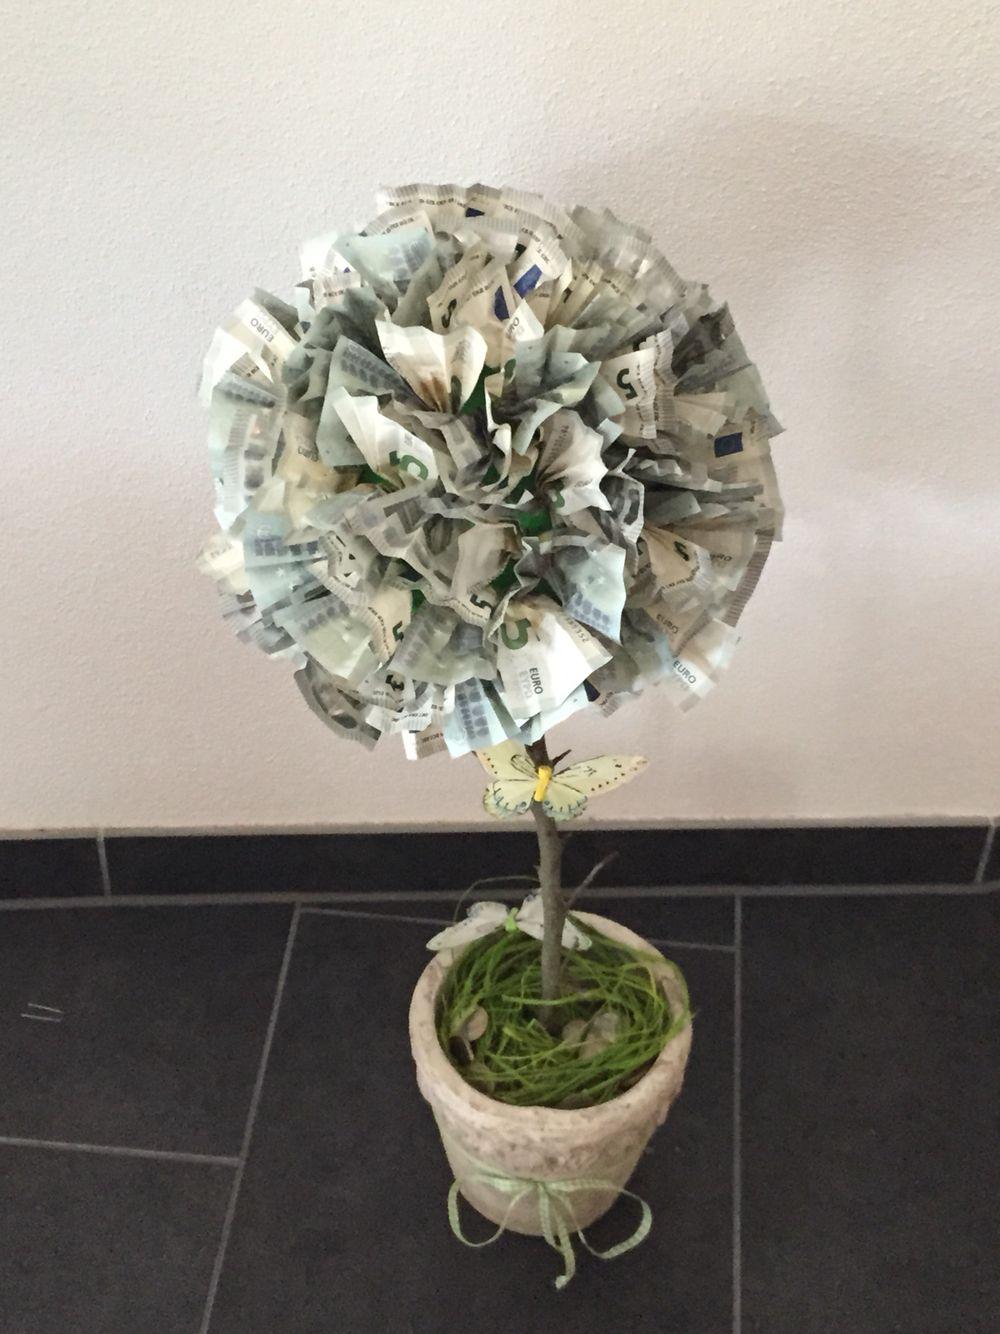 Tolle Idee fr ein Geldgeschenk zur Hochzeit  Hochzeit  Geldgeschenke hochzeit Geldgeschenke